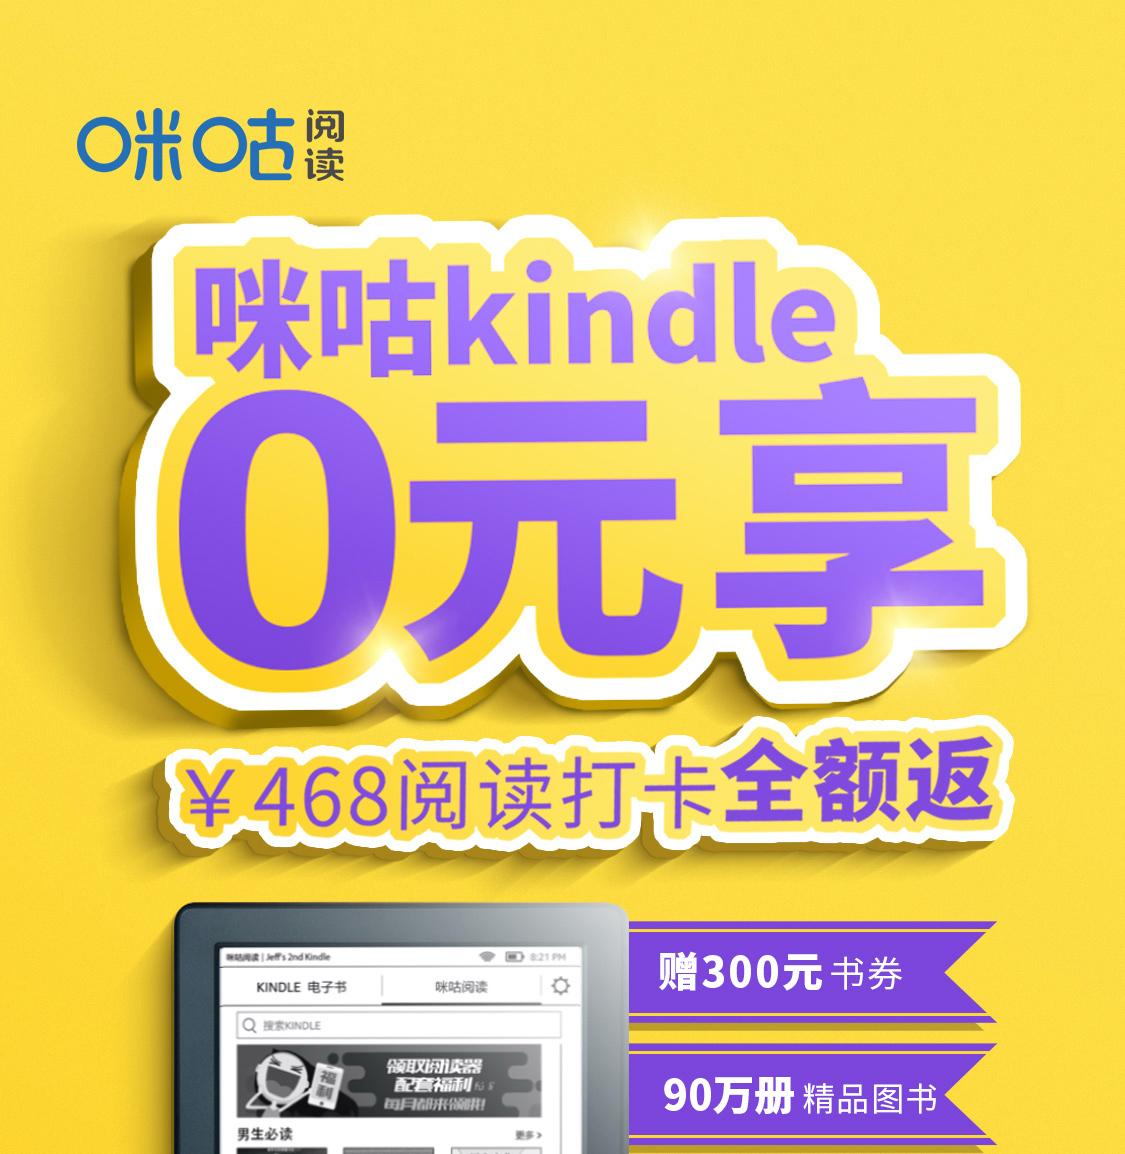 打卡100天免费拿走,全新咪咕版Kindle入门款亚马逊电子书阅读器 0元,加赠199礼包+保护套插图